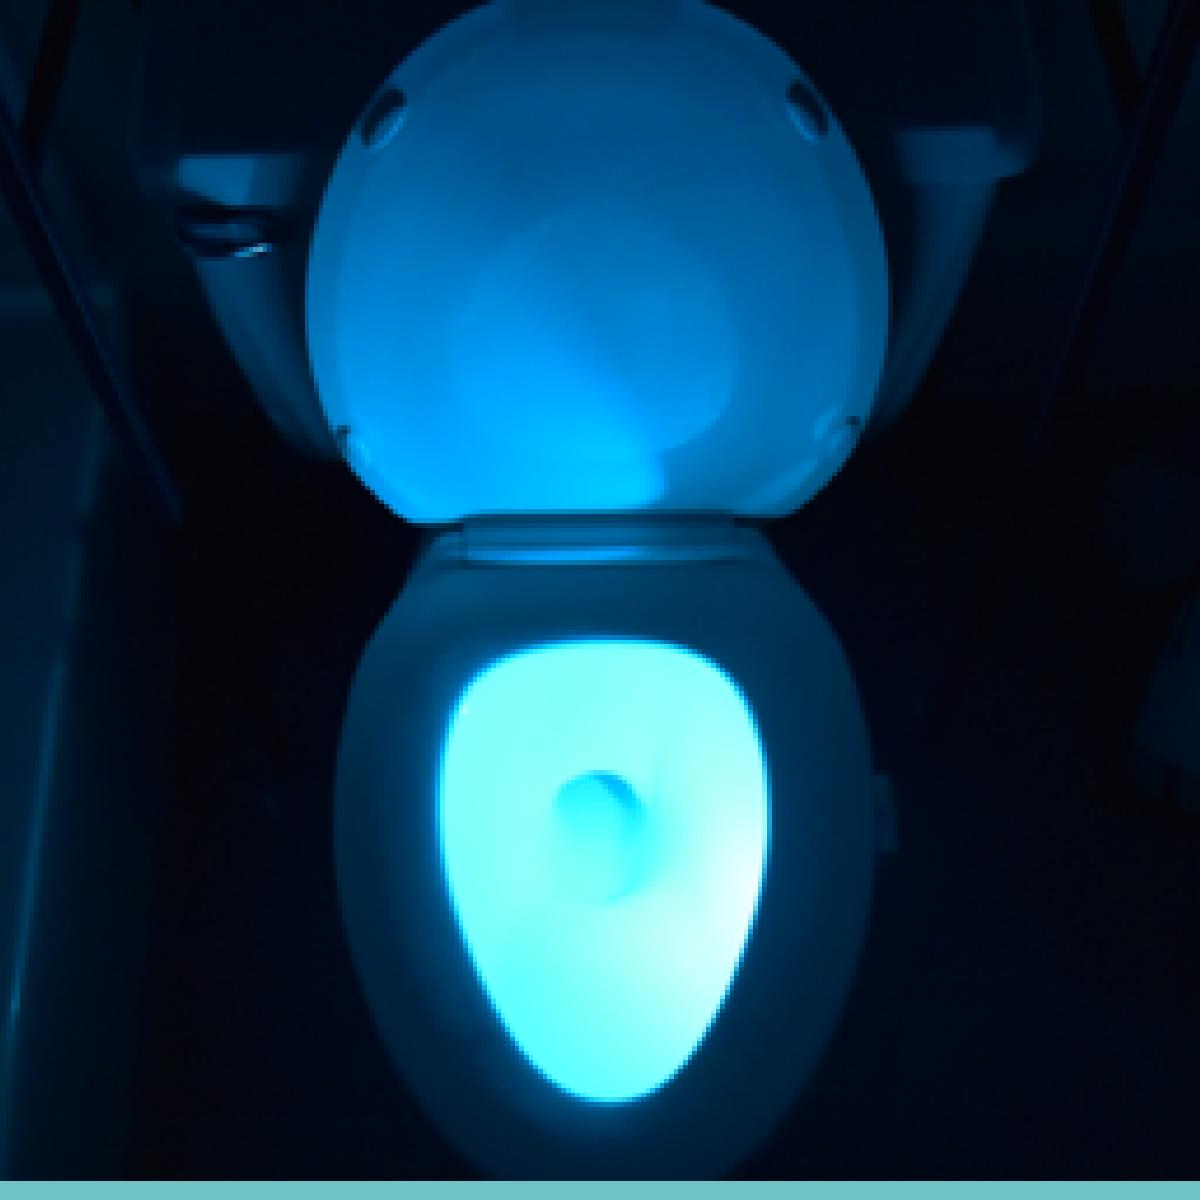 cadeaux 2 ouf id es de cadeaux insolites et originaux illuminez vos toilettes avec illumibowl. Black Bedroom Furniture Sets. Home Design Ideas